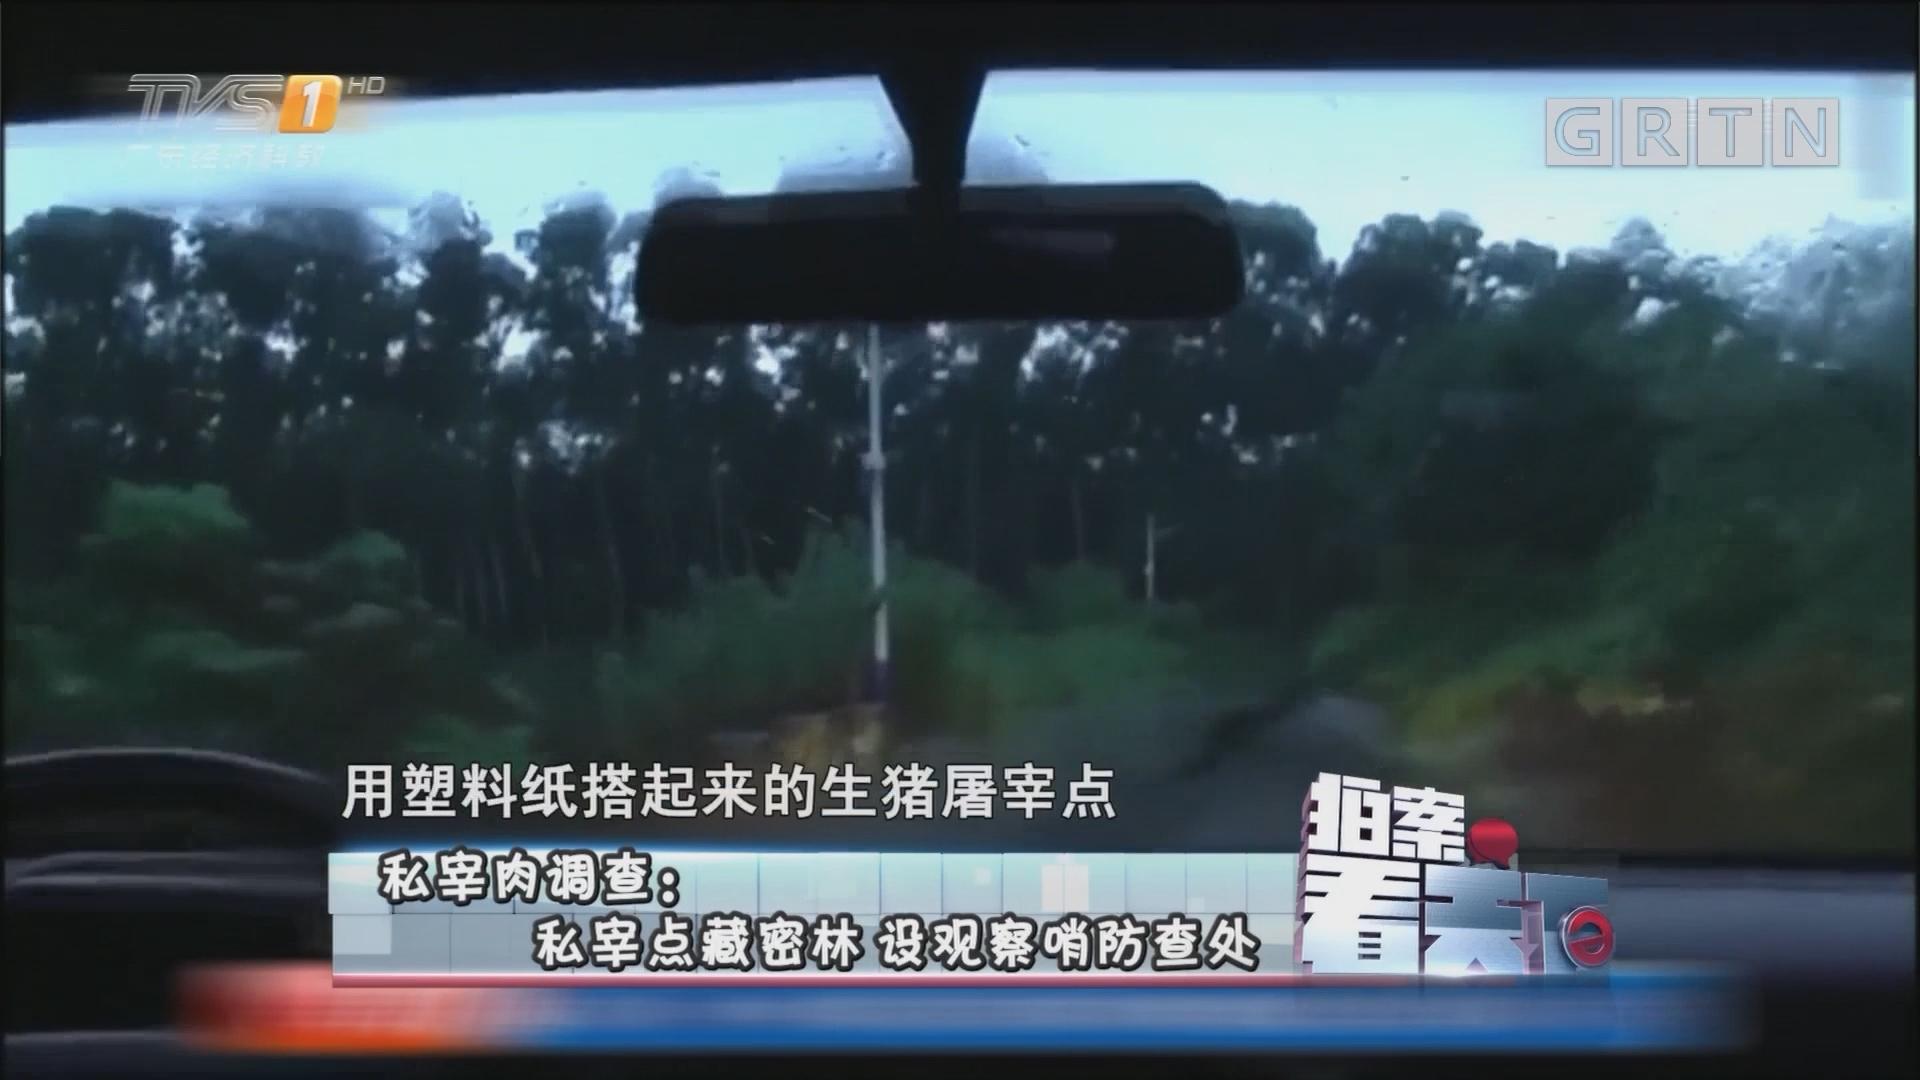 [HD][2017-09-01]拍案看天下:私宰肉调查:私宰点藏密林 设观察哨防查处